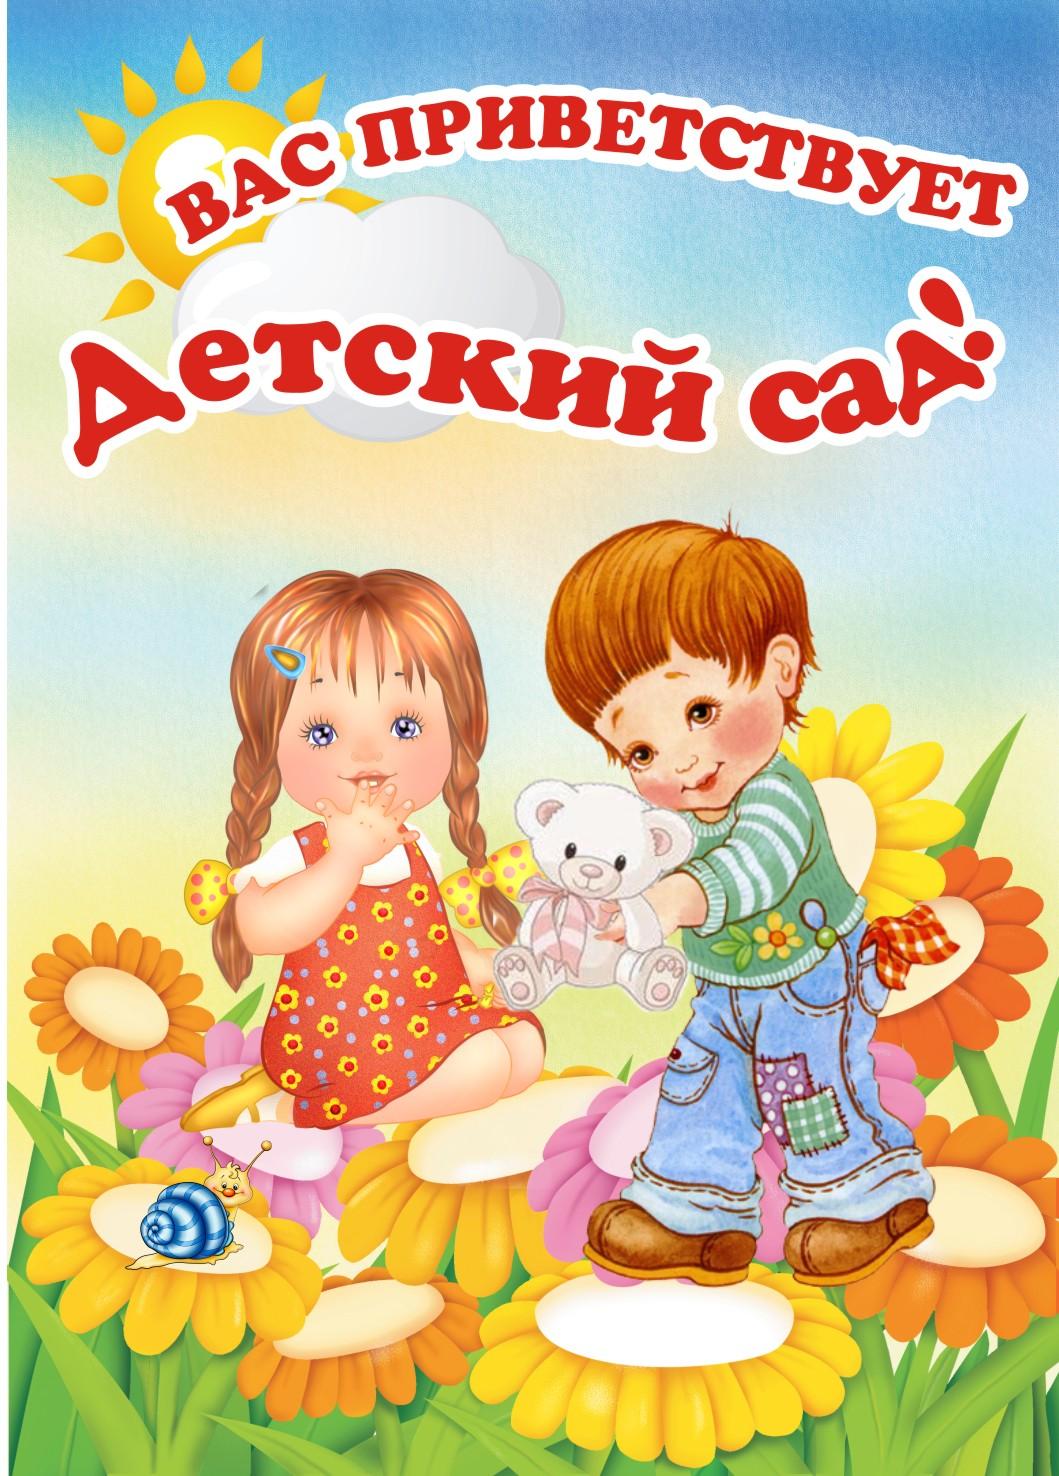 Картинки по запросу здравствуй детский сад картинки